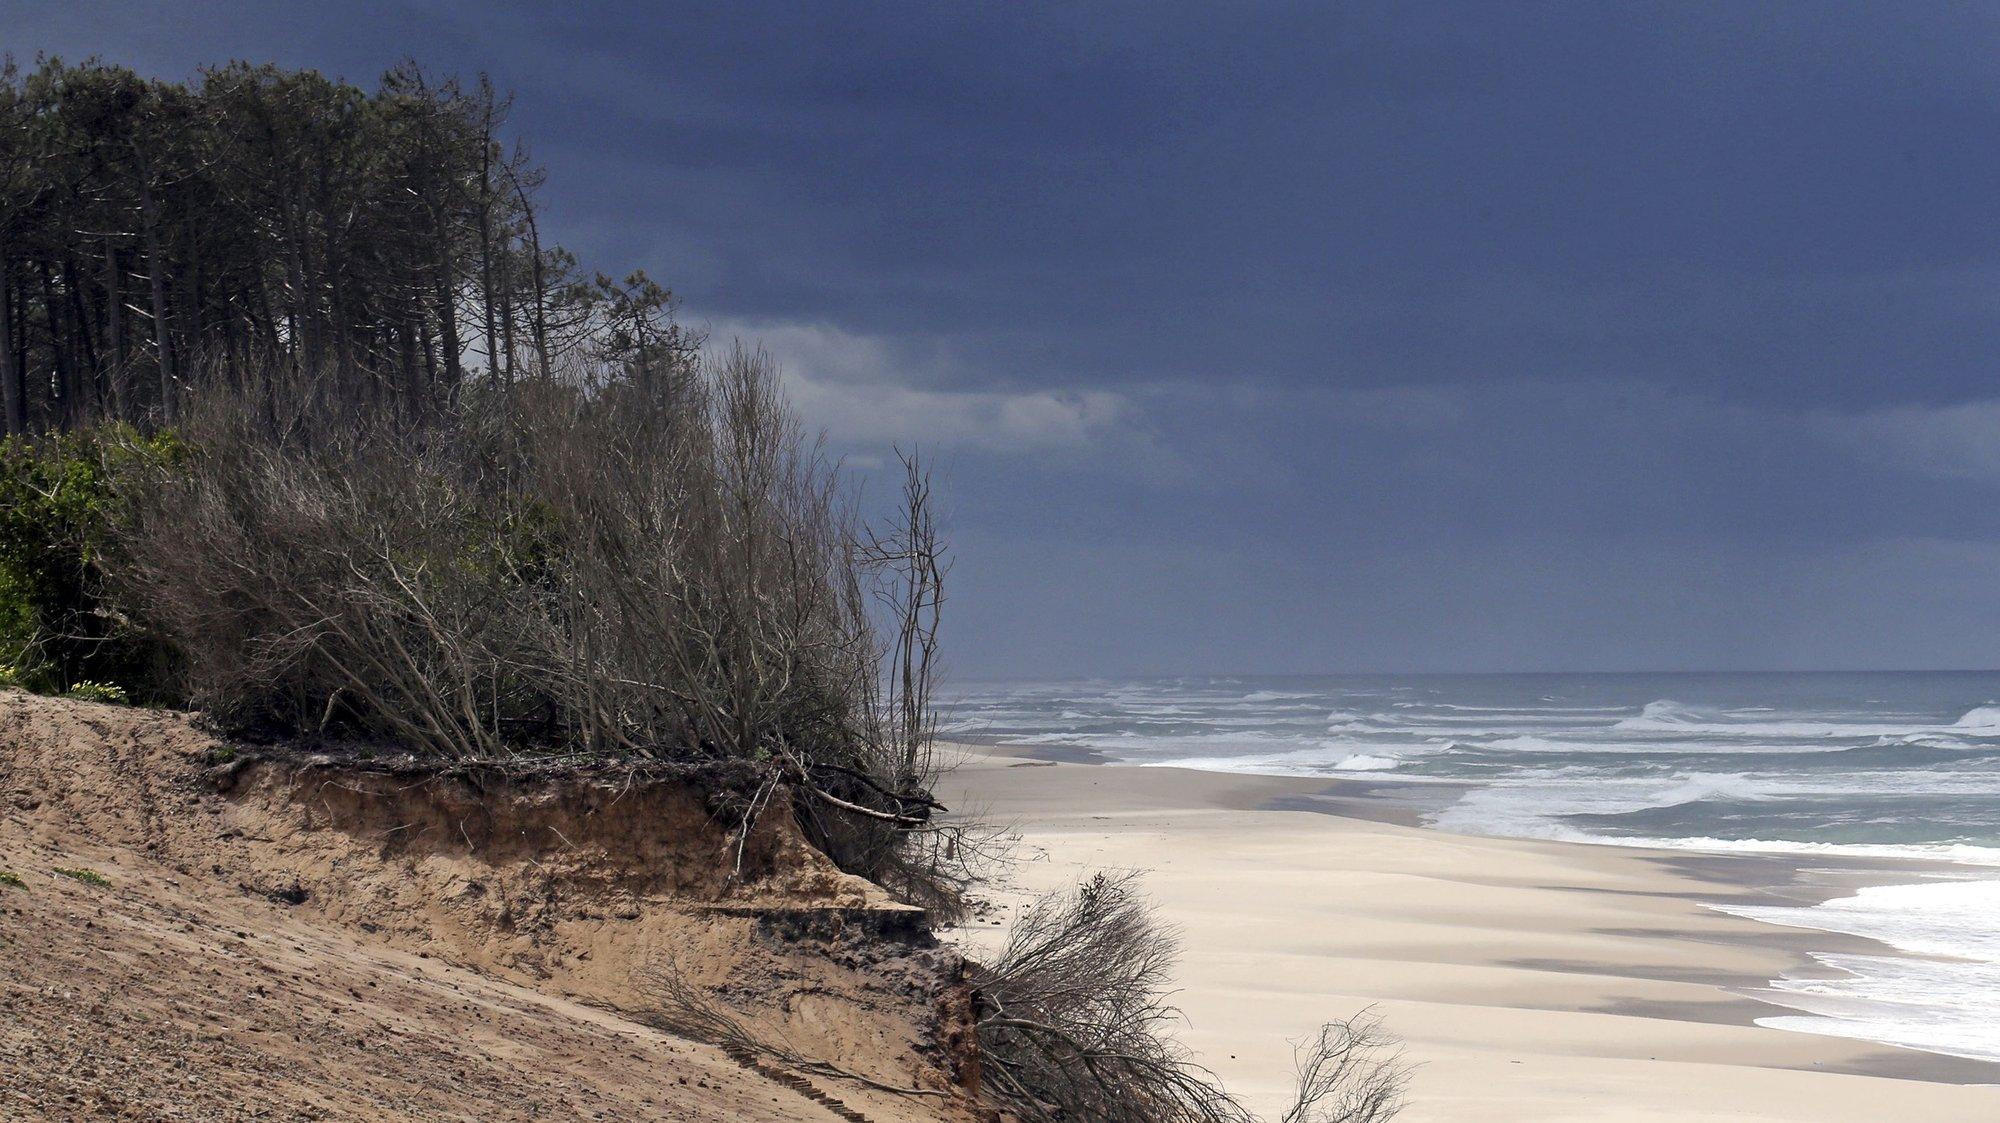 """A praia do Furadouro perdeu comprimento de 2002 até hoje, Ovar, 22 de maio de 2014.  O avanço do mar em fevereiro provocou estragos ao longo de toda a costa de Ovar, mas o problema vem-se agravando há cinco anos, já que """"a praia começou a perder de tal maneira o areal que hoje está irreconhecível"""". (ACOMPANHA TEXTO) JOSÉ COELHO/LUSA"""